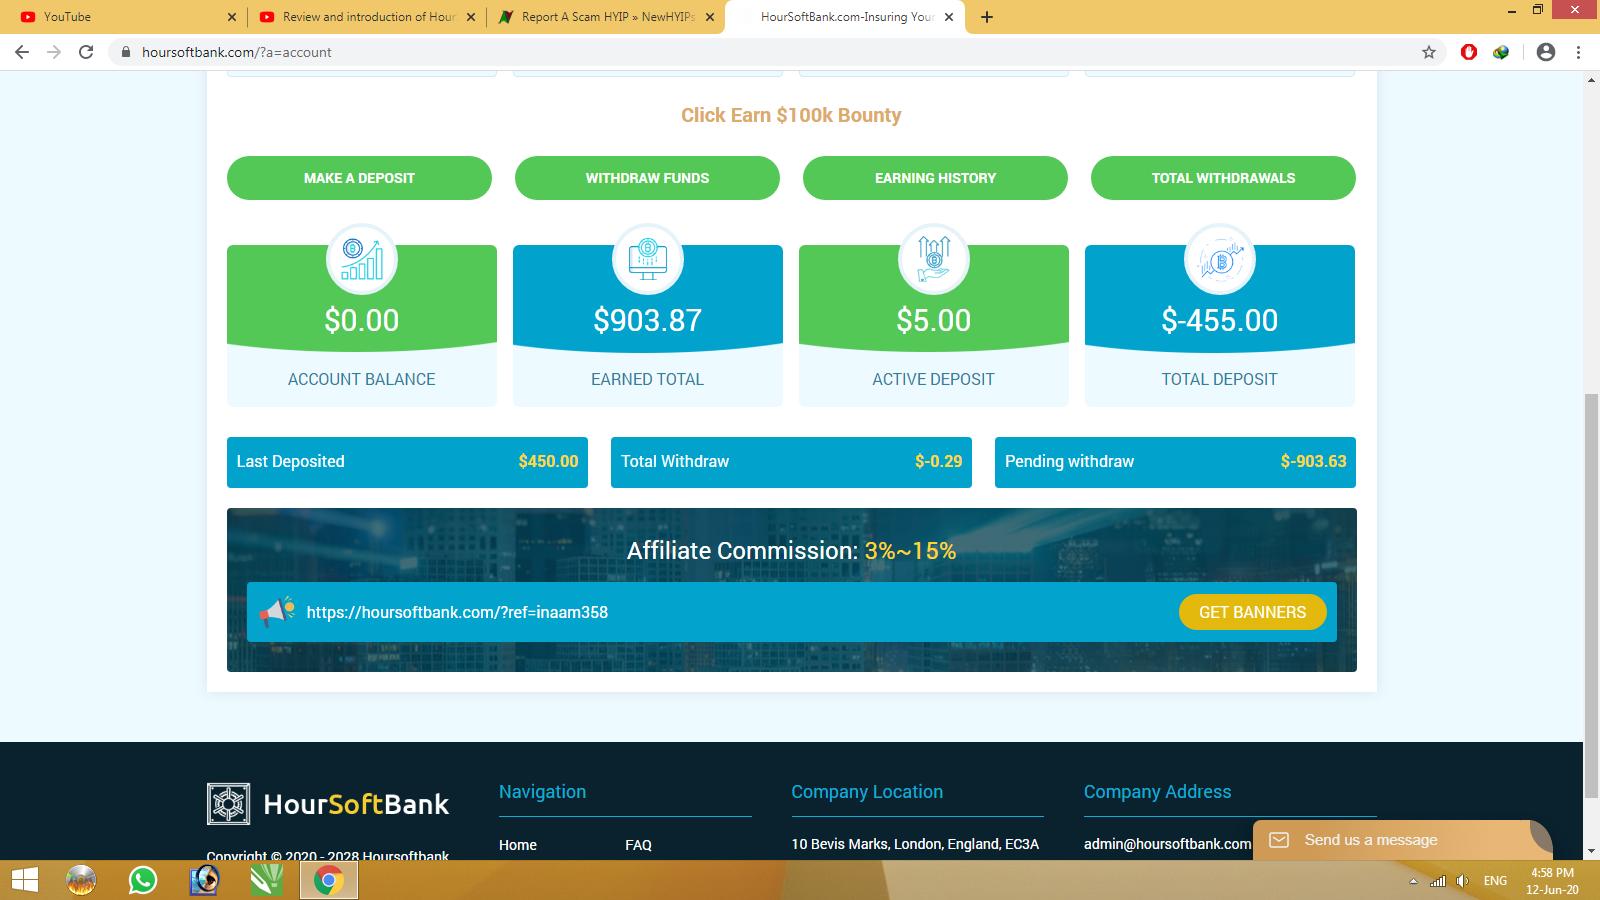 HourSoftBank.com scam